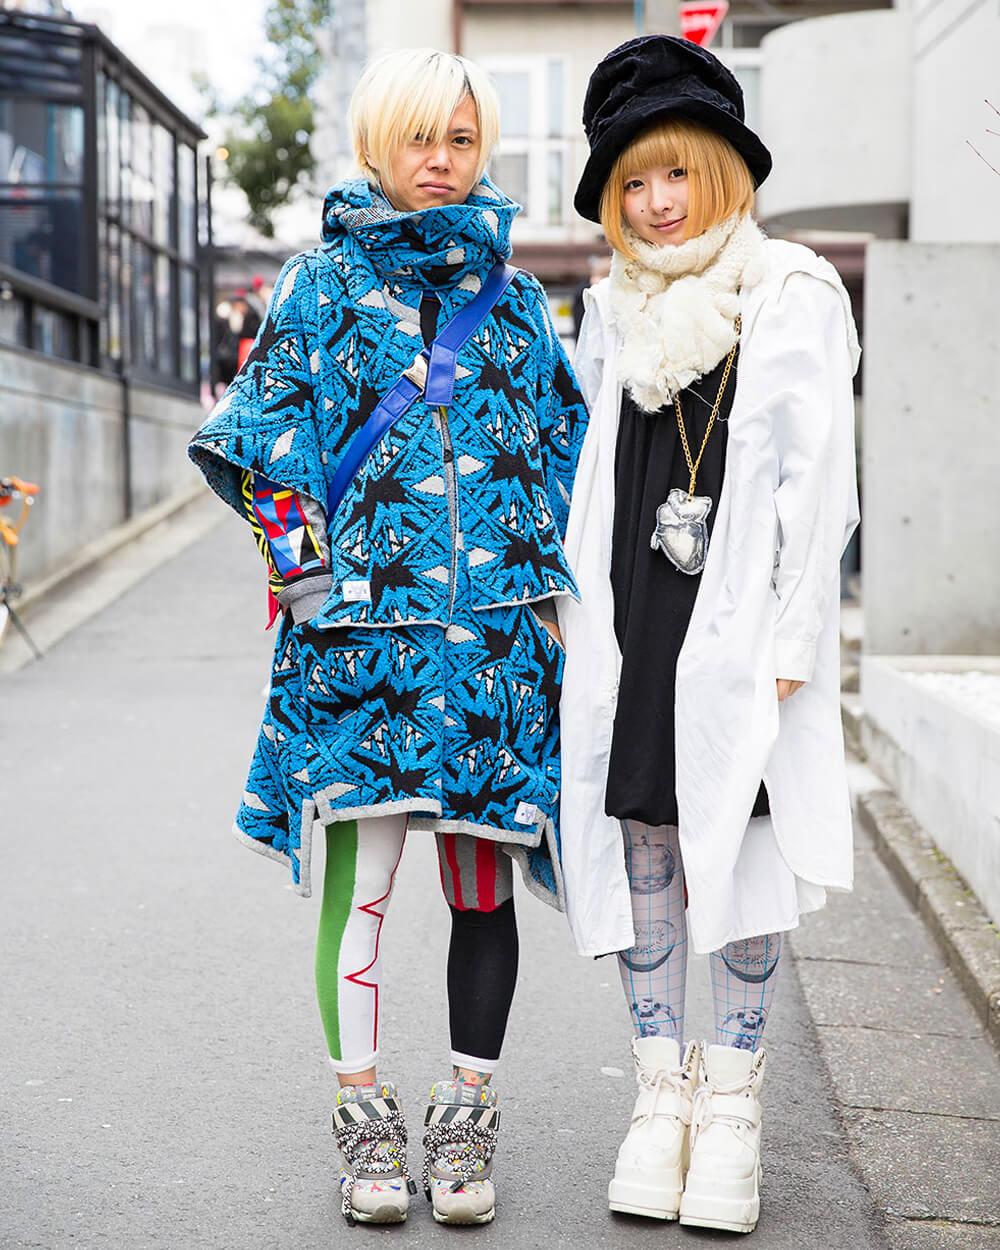 Tokyo Street Fashion 2020